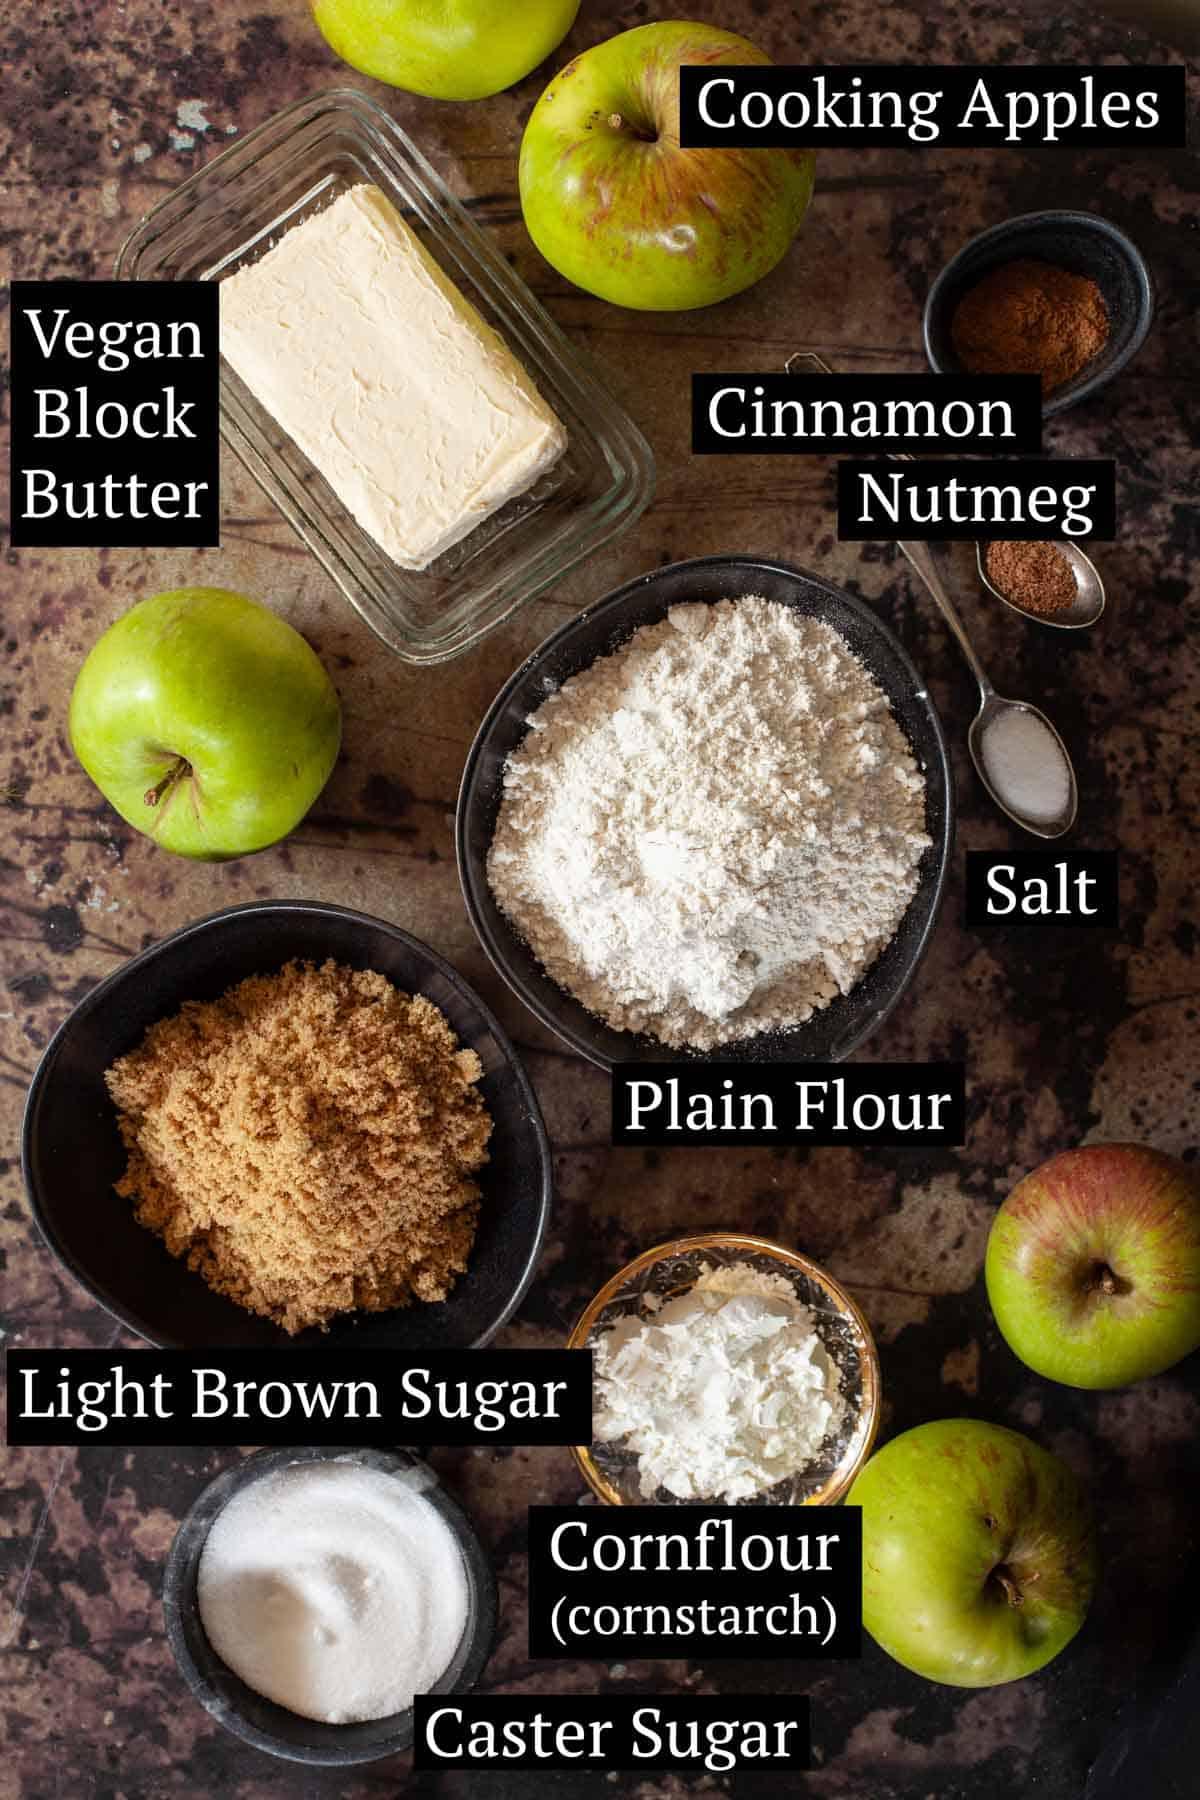 Ingredients for vegan apple pie in bowls